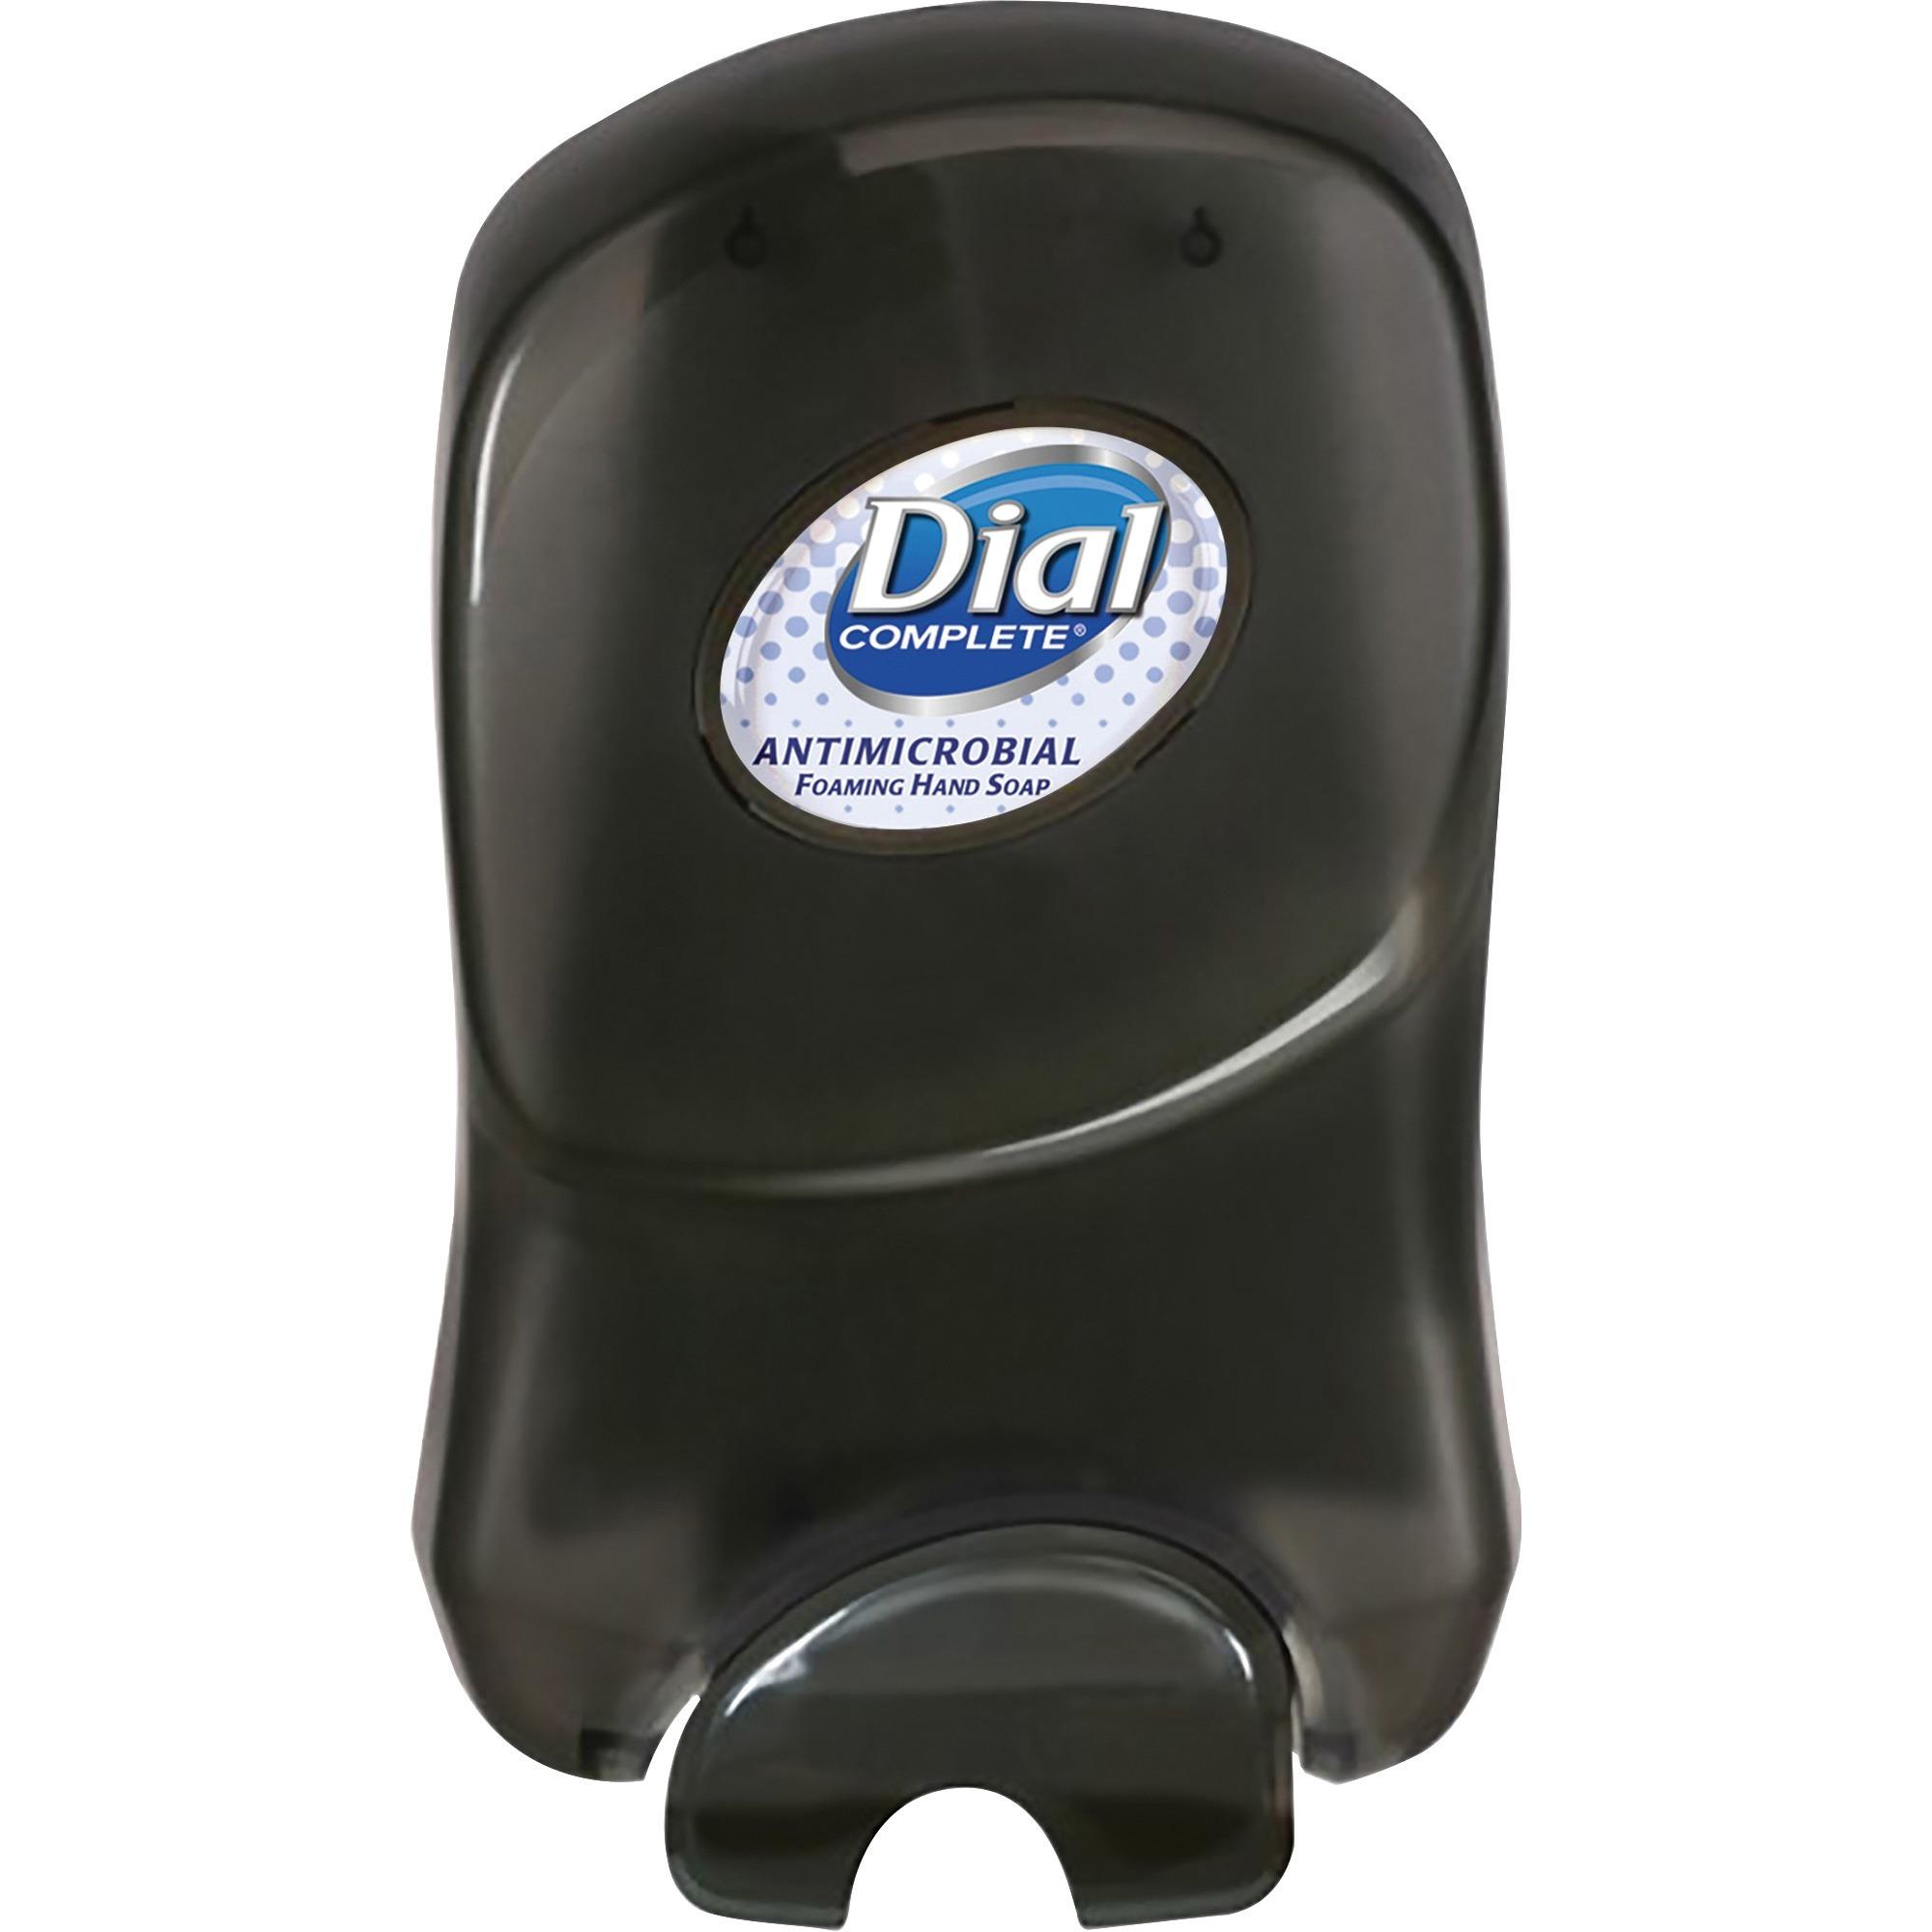 Dial Duo Manual Soap Dispenser